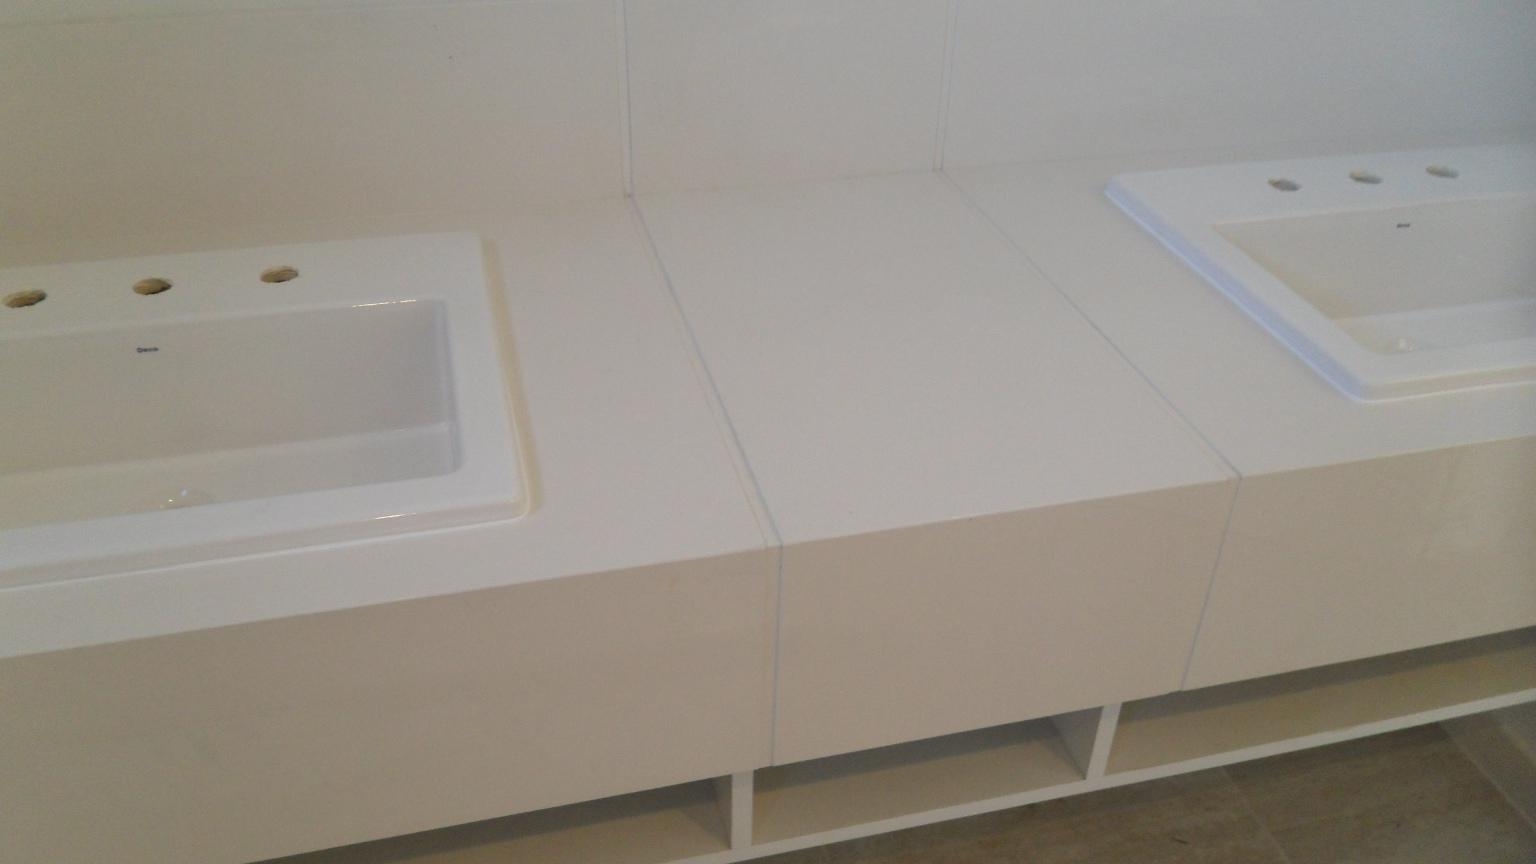 cortes especiais em porcelanato.: Bancada cuba dupla em porcelanato #594F3D 1536x864